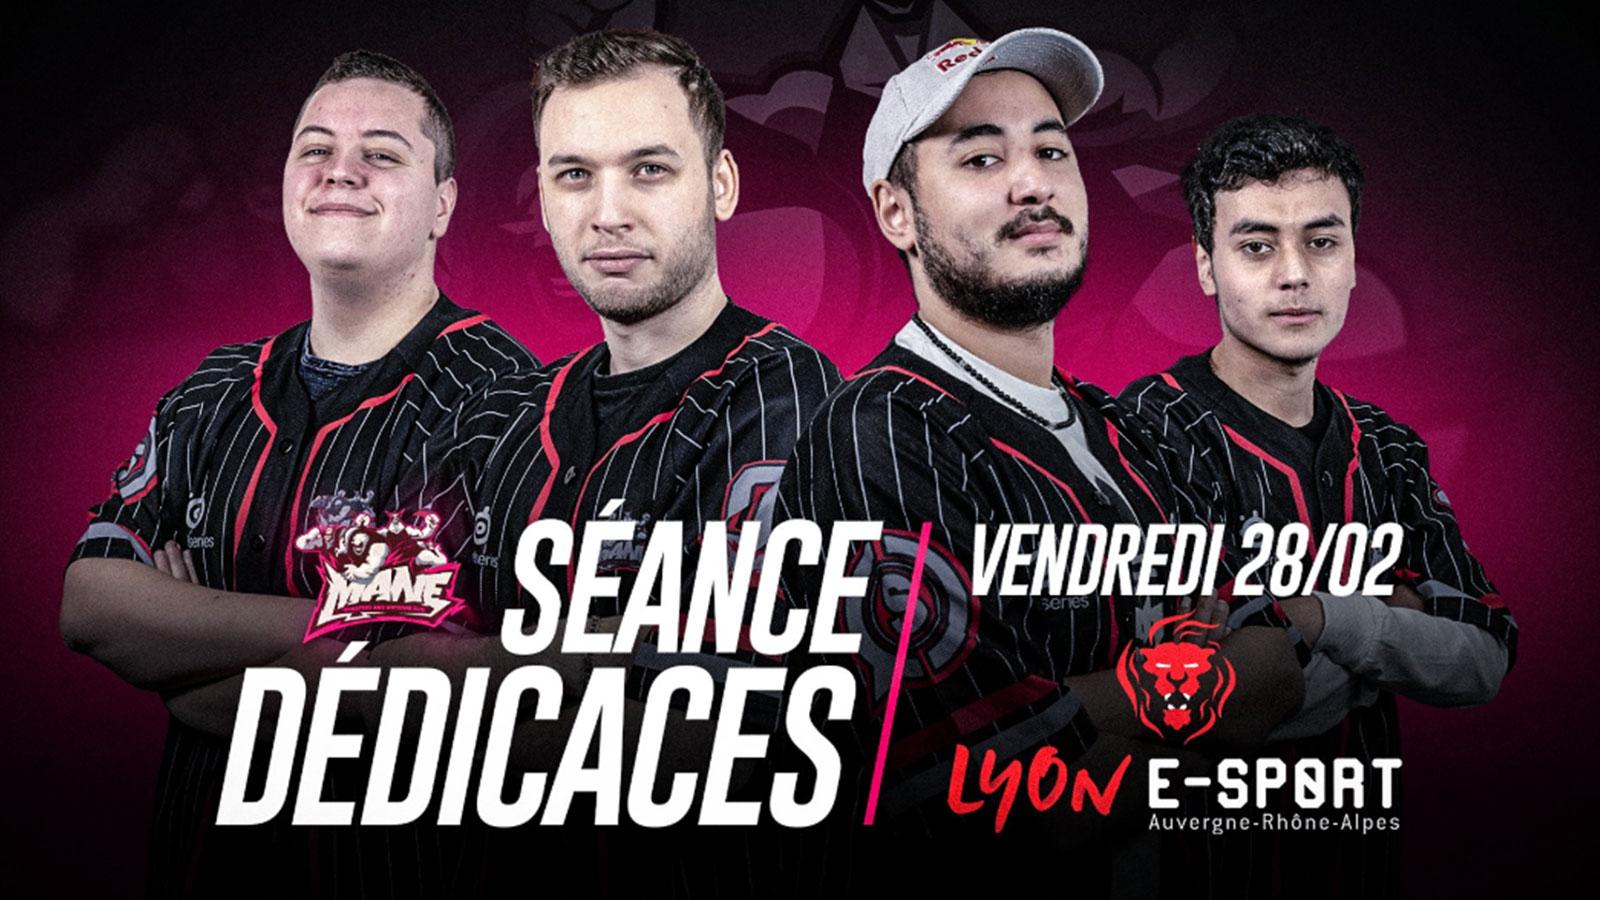 Les MANE se livreront à une séance de dédicaces lors de la Lyon e-Sport